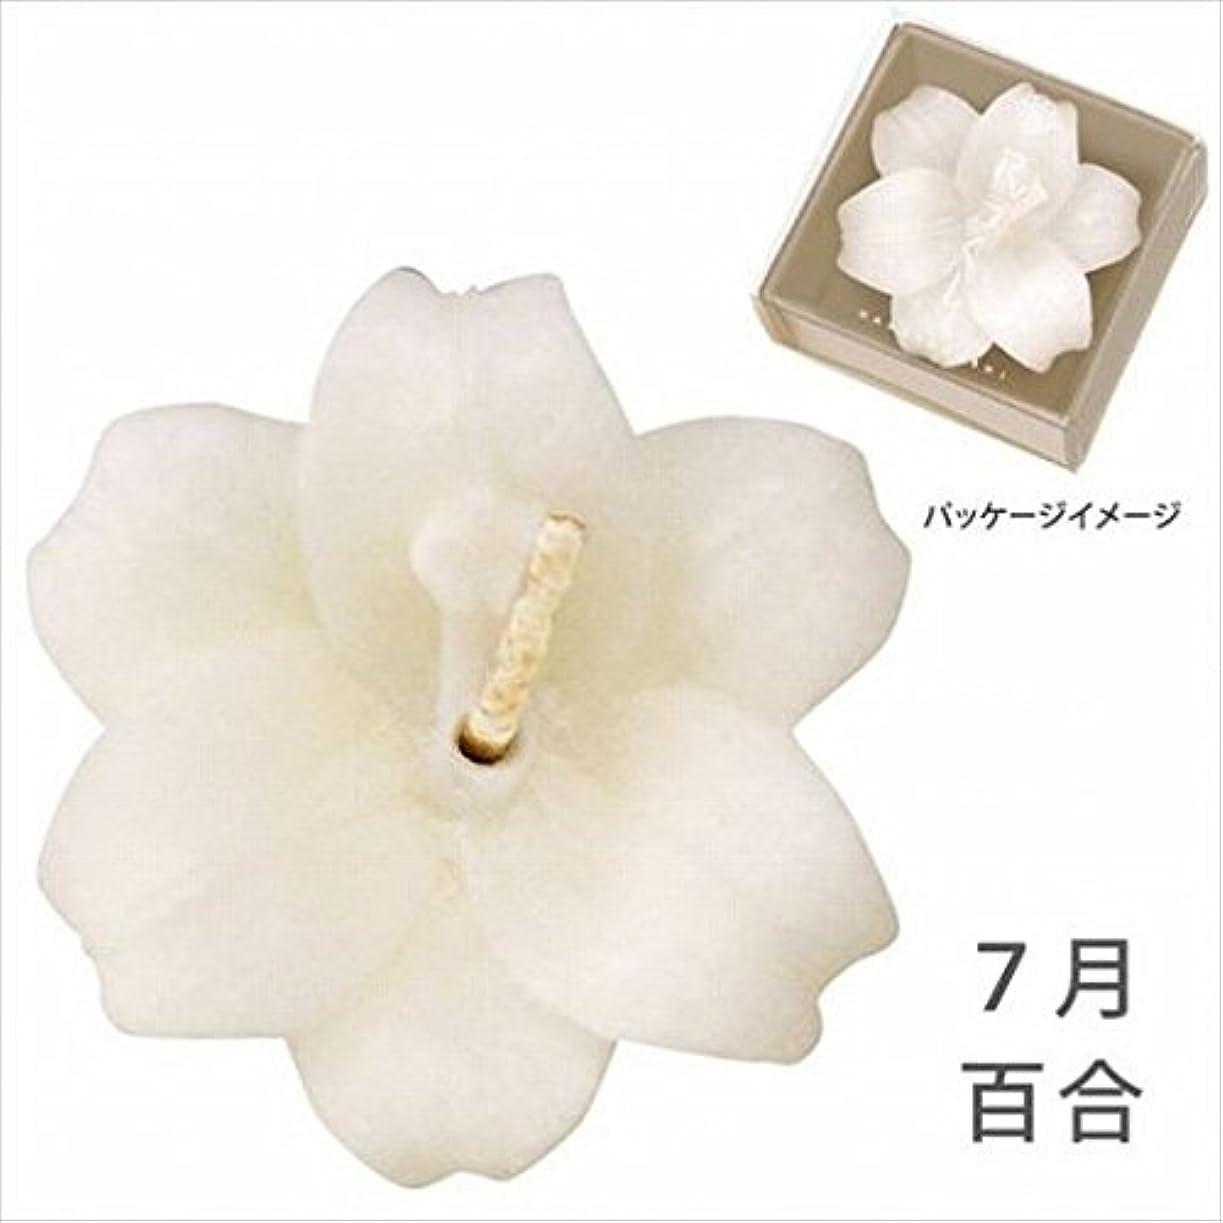 比較的馬鹿菊kameyama candle(カメヤマキャンドル) 花づくし(植物性) 百合 「 百合(7月) 」 キャンドル(A4620580)